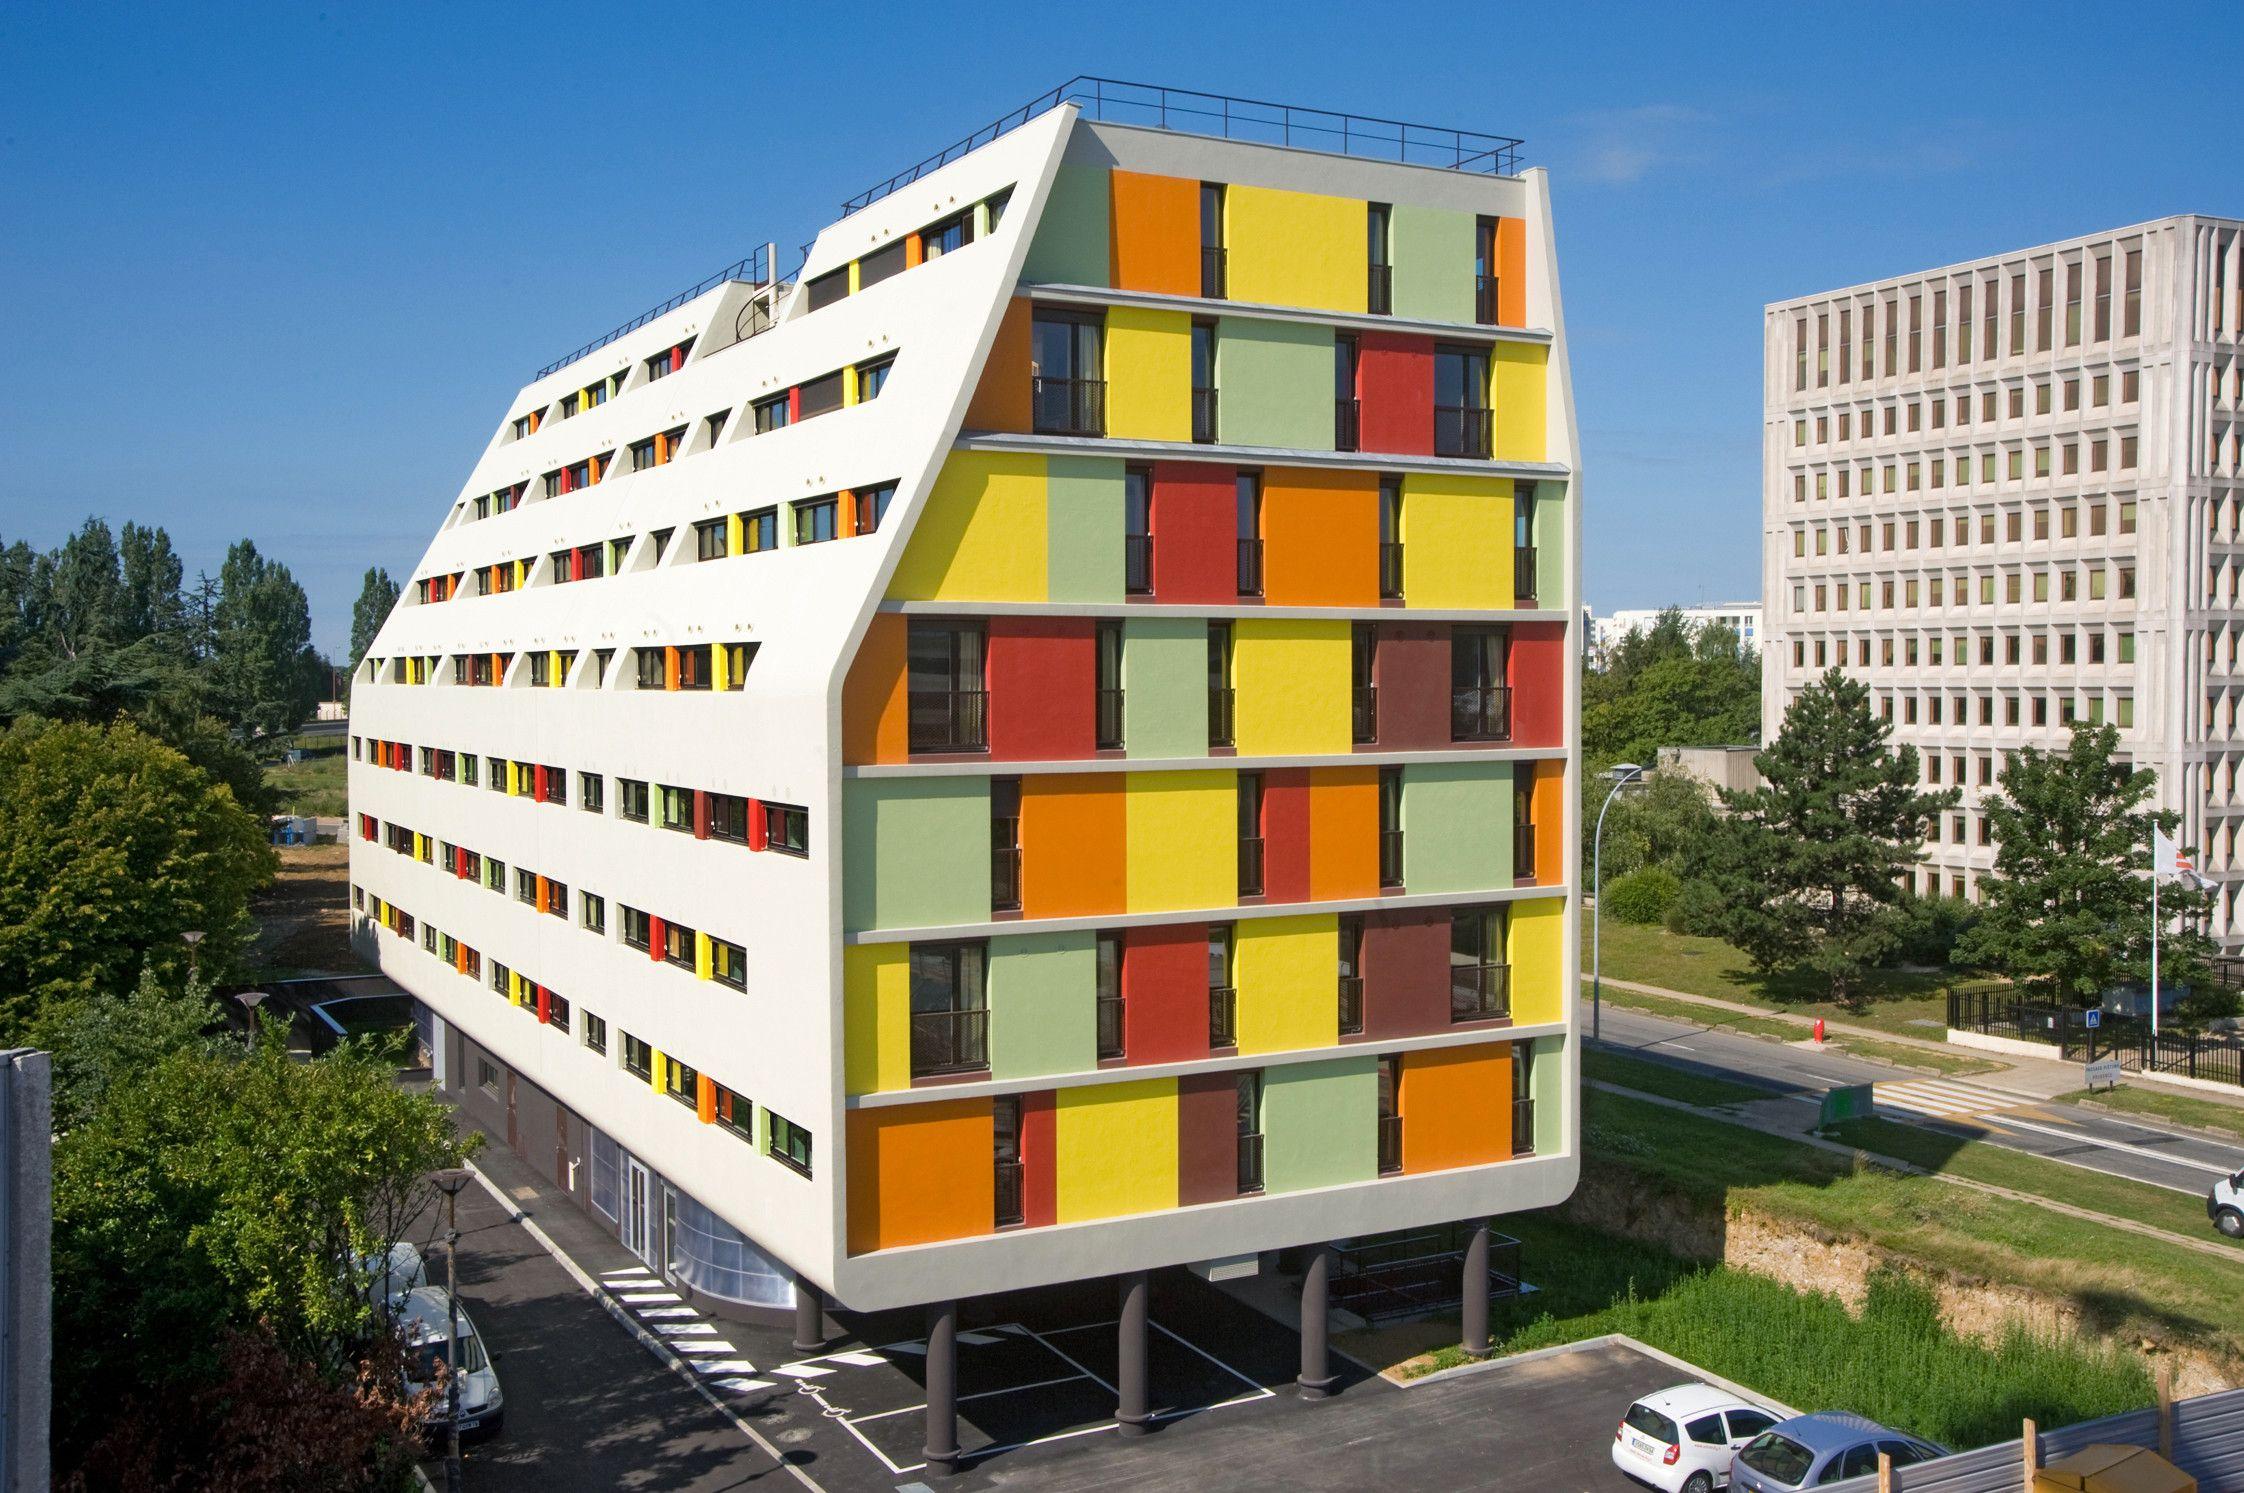 Fresh Ikea Velizy Cuisine Et Salle De Bains Velizy Villacoublay Ikea Salle De Bain Salle